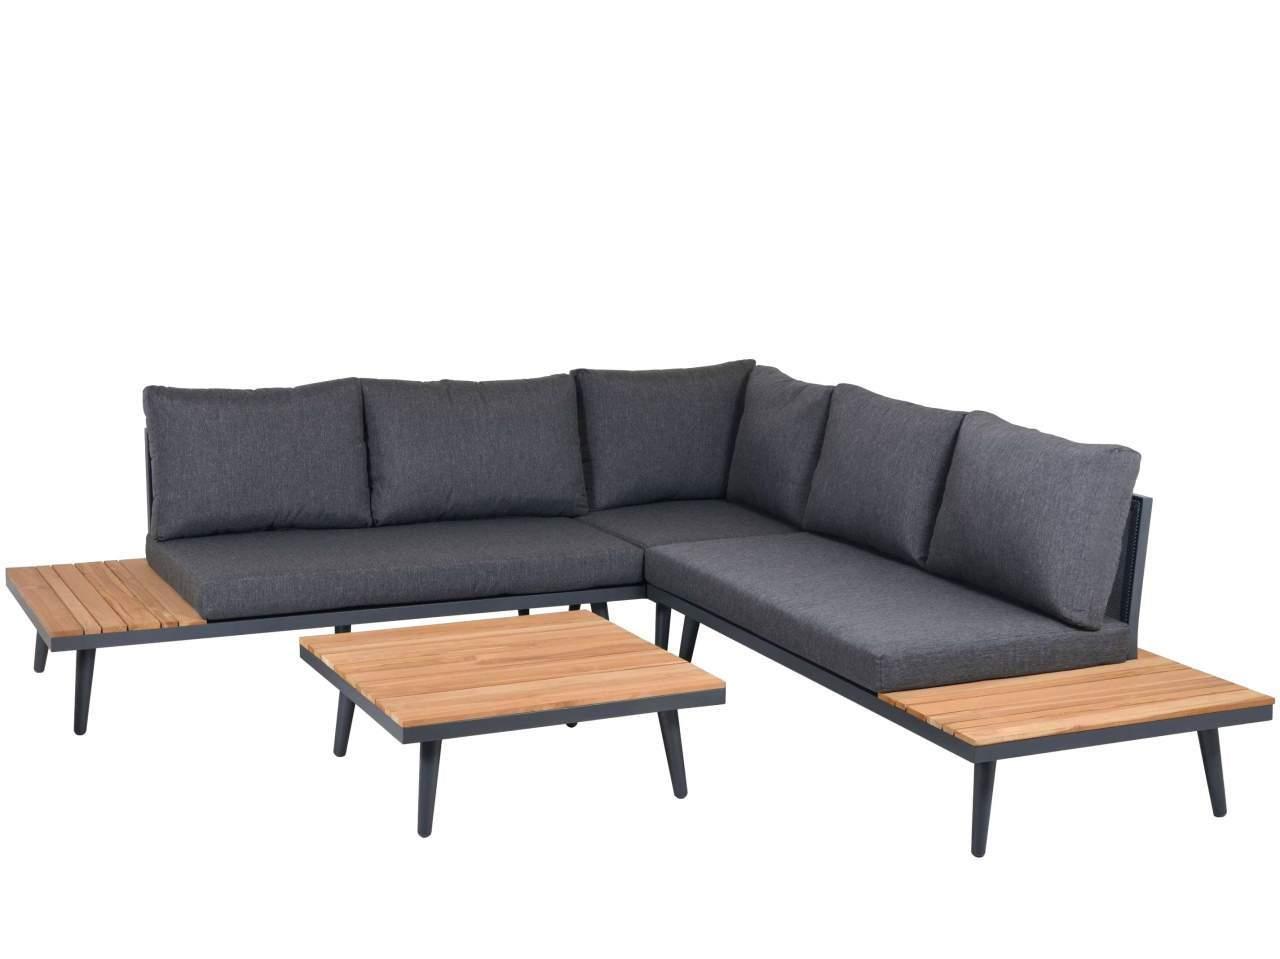 Loungegruppe Garten Reizend 35 Luxus Couch Garten Einzigartig